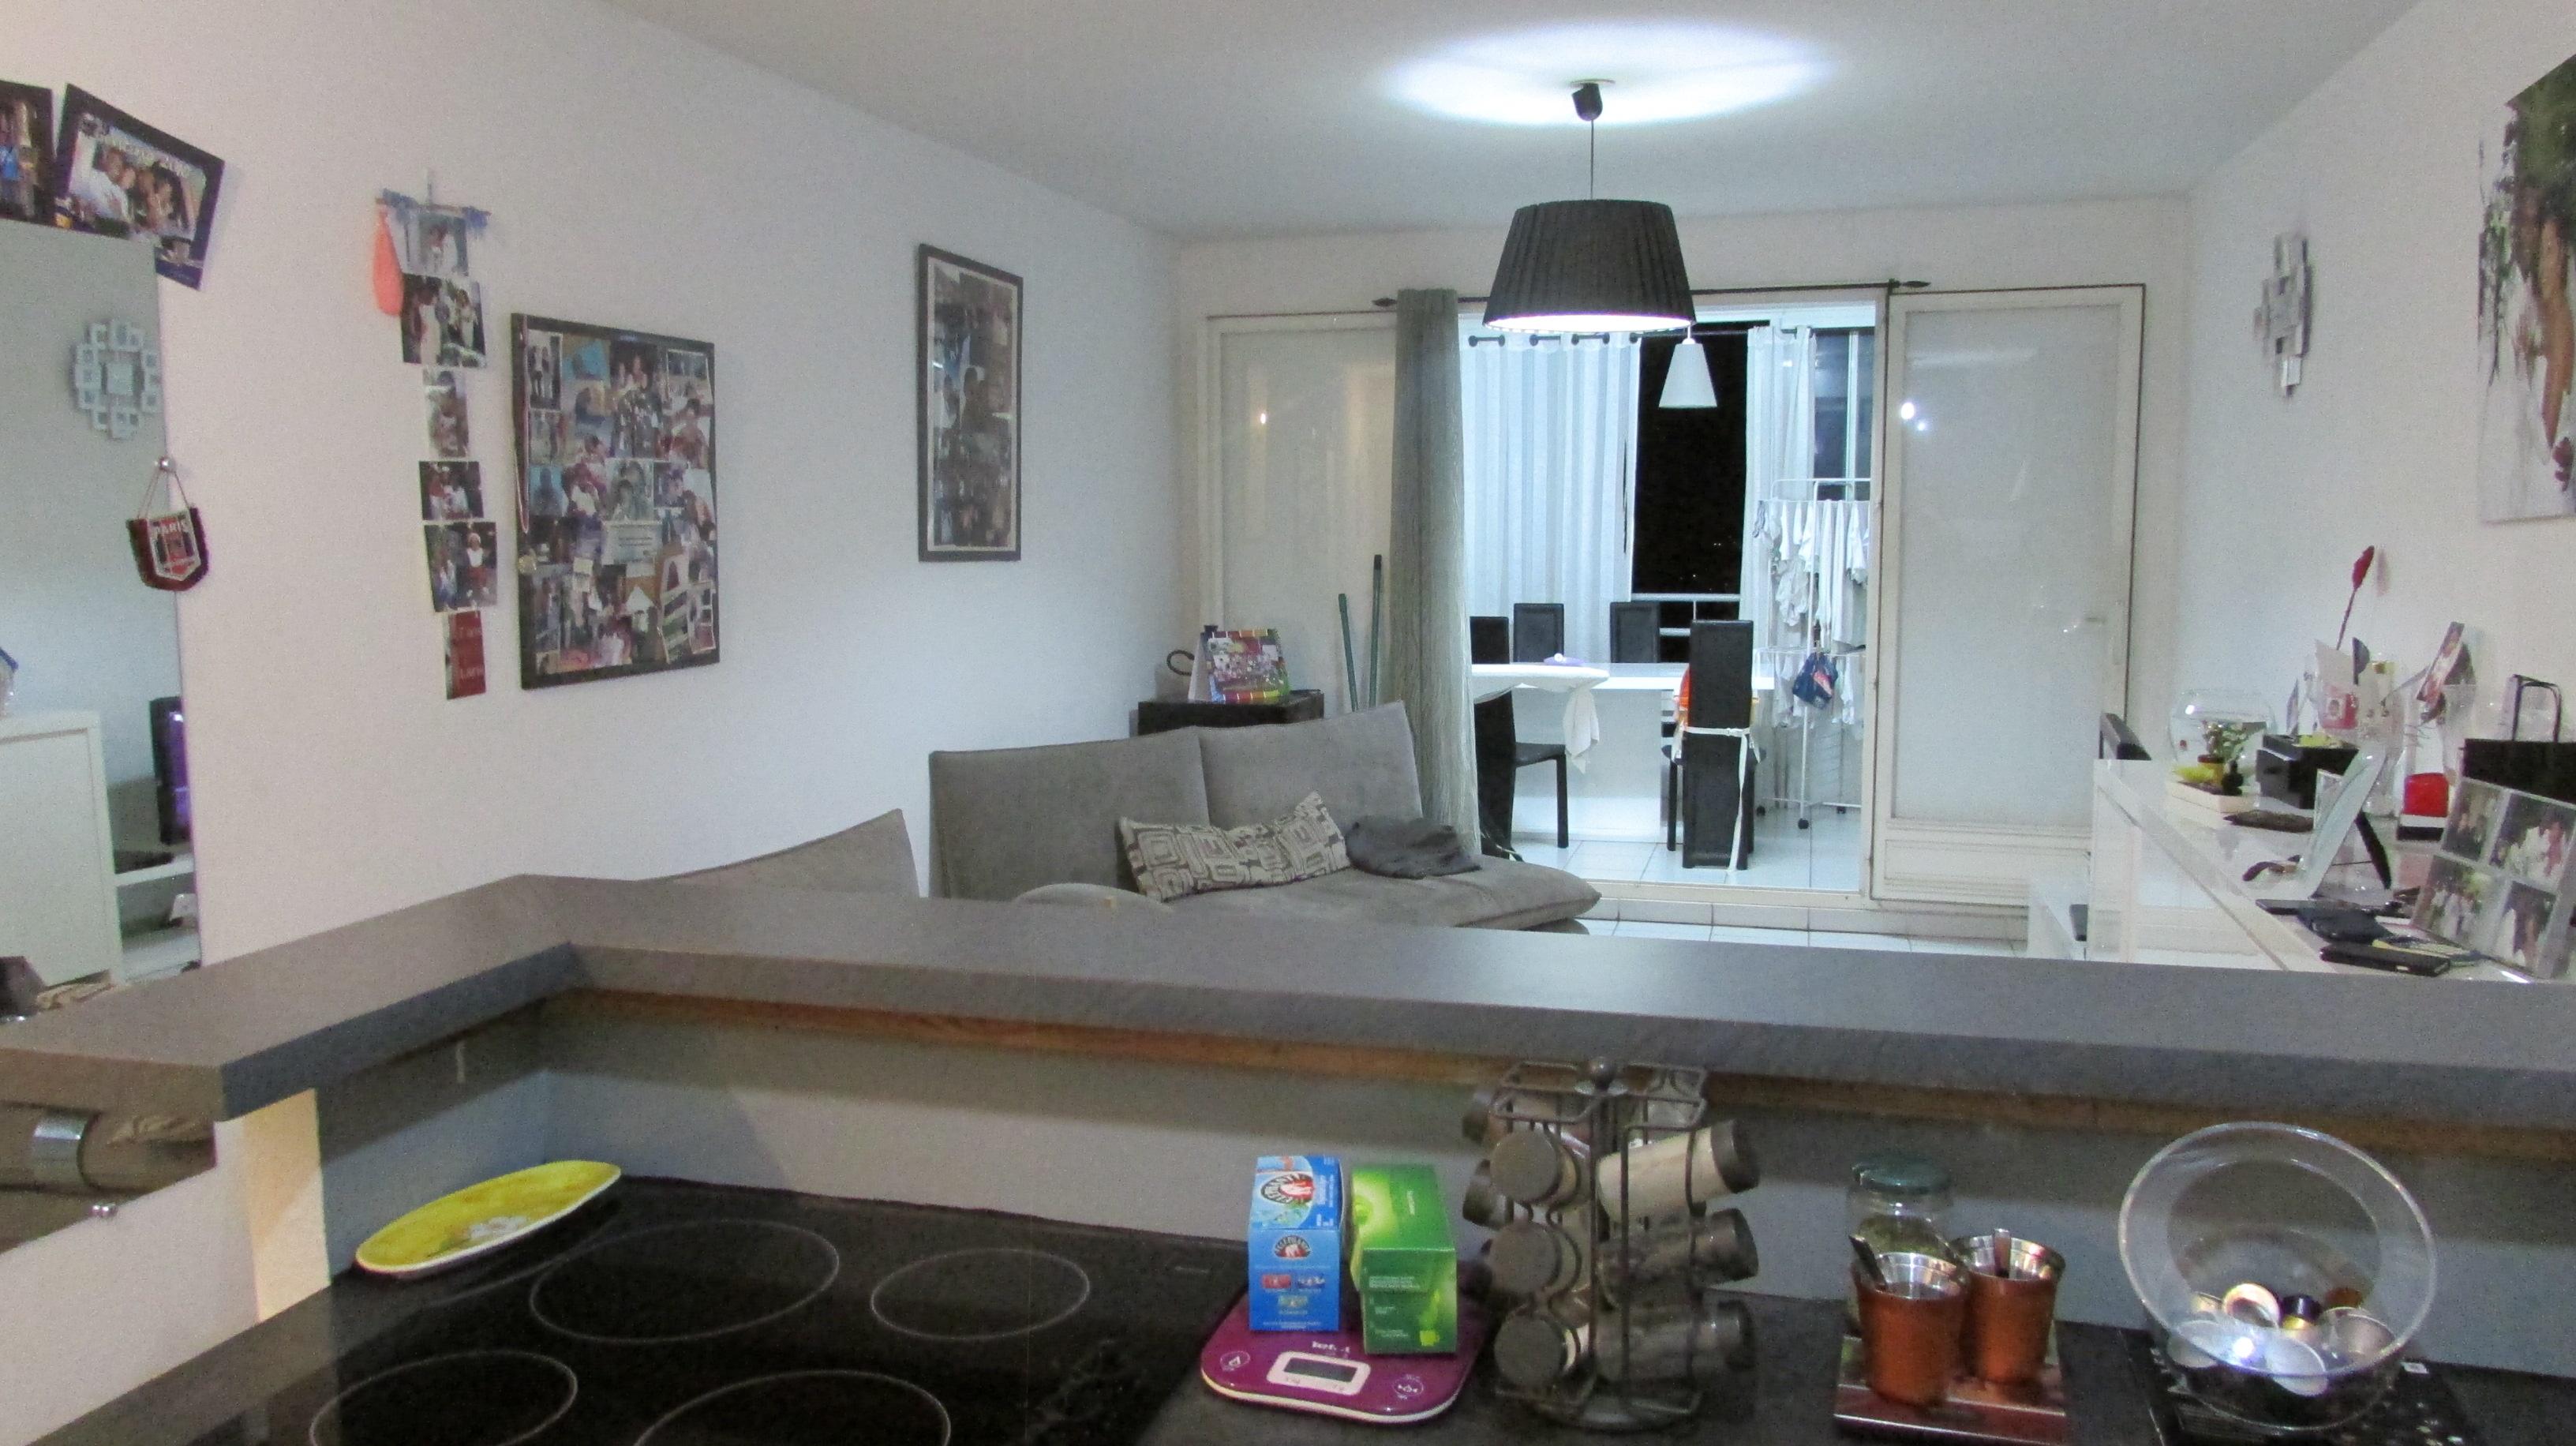 immobilier saint denis 974 annonces immobili res saint denis. Black Bedroom Furniture Sets. Home Design Ideas